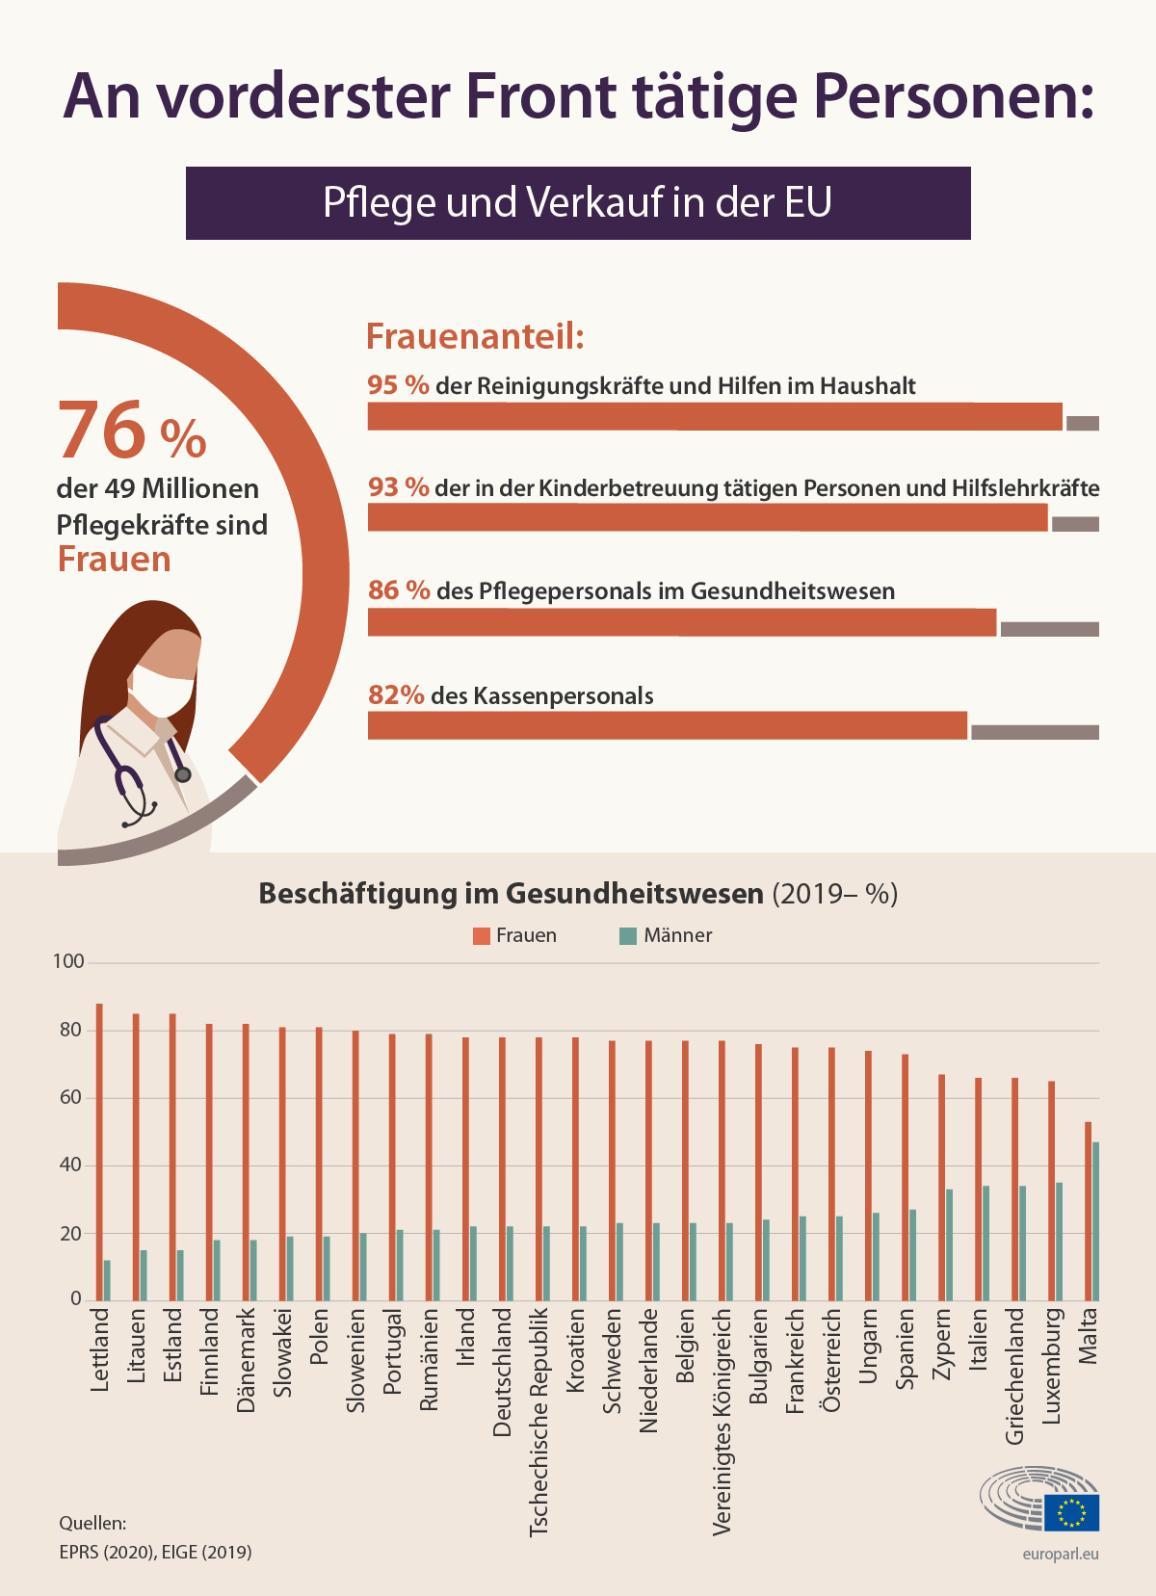 Die Infografik zeigt, dass in der EU in den Bereichen Pflege und Verkauf hauptsächlich Frauen arbeiten.